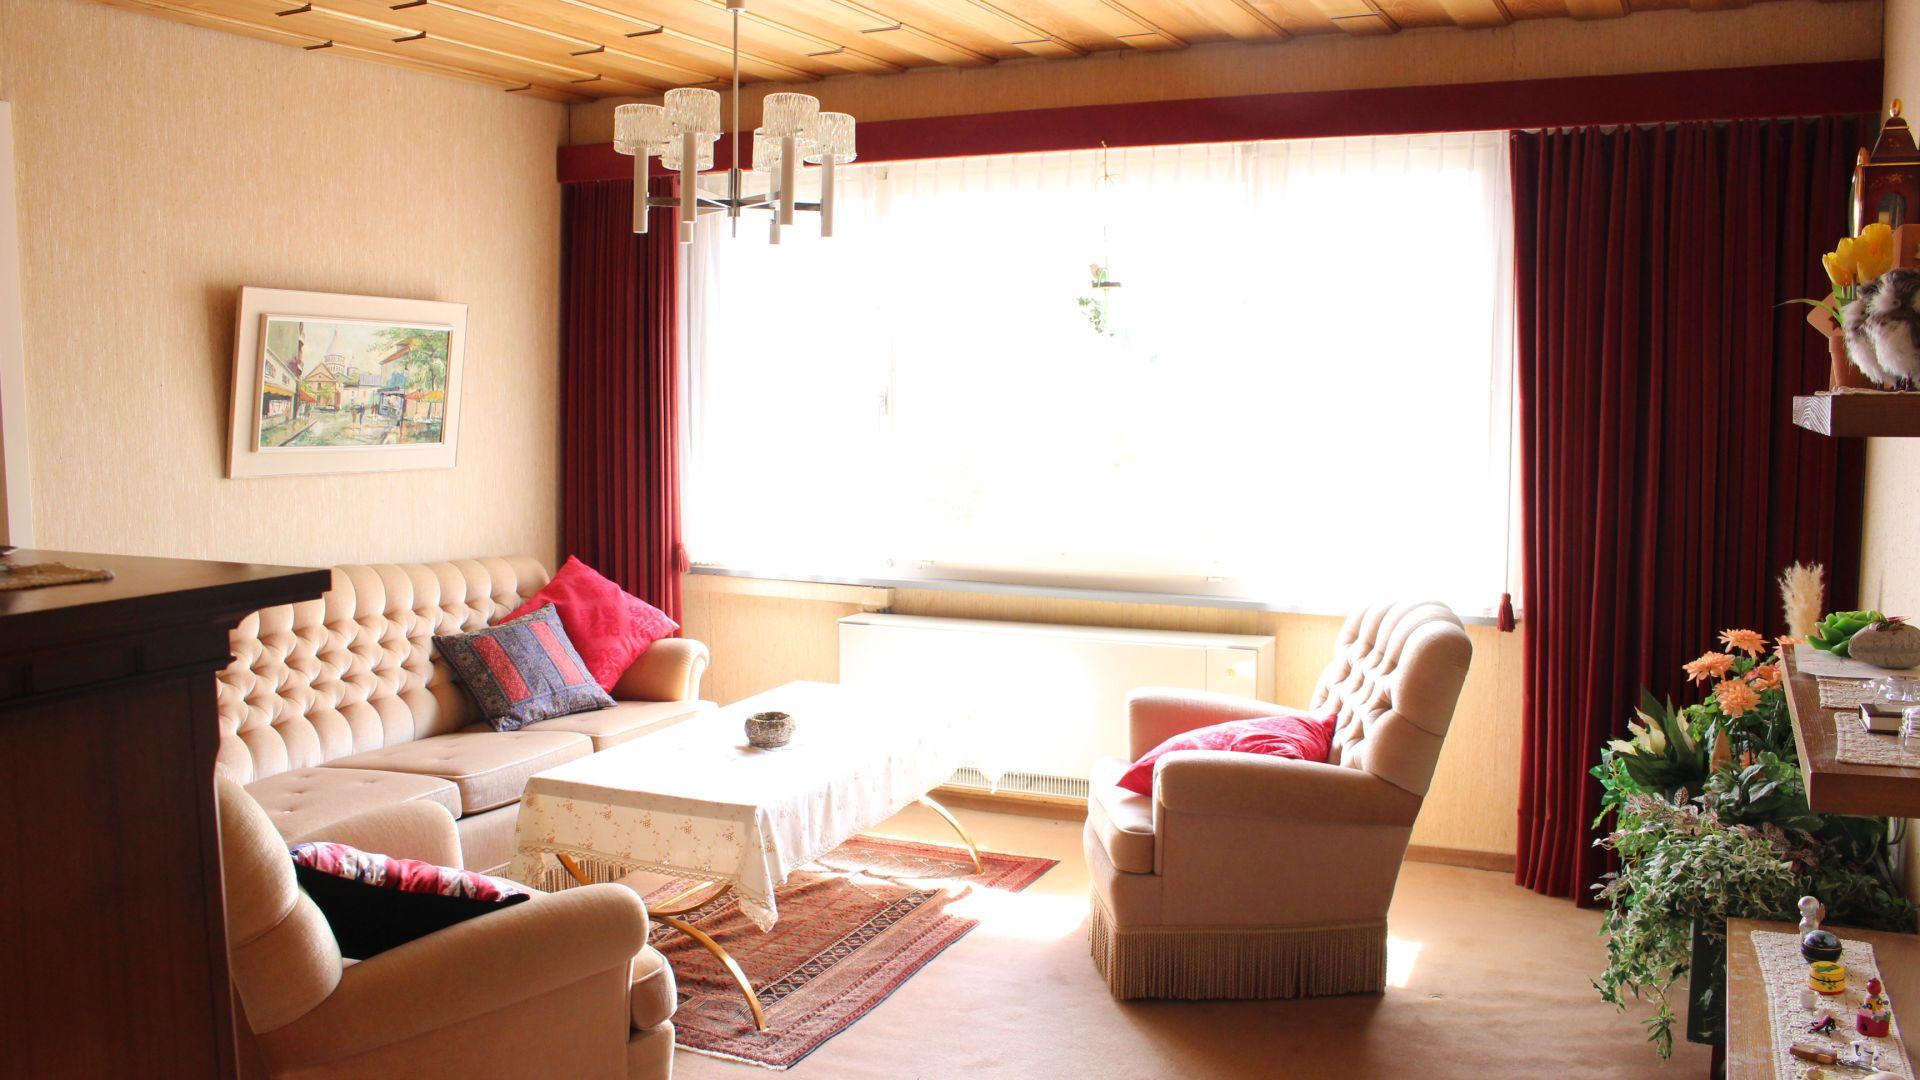 Charmante Wohnung an ruhiger und sonniger Lage